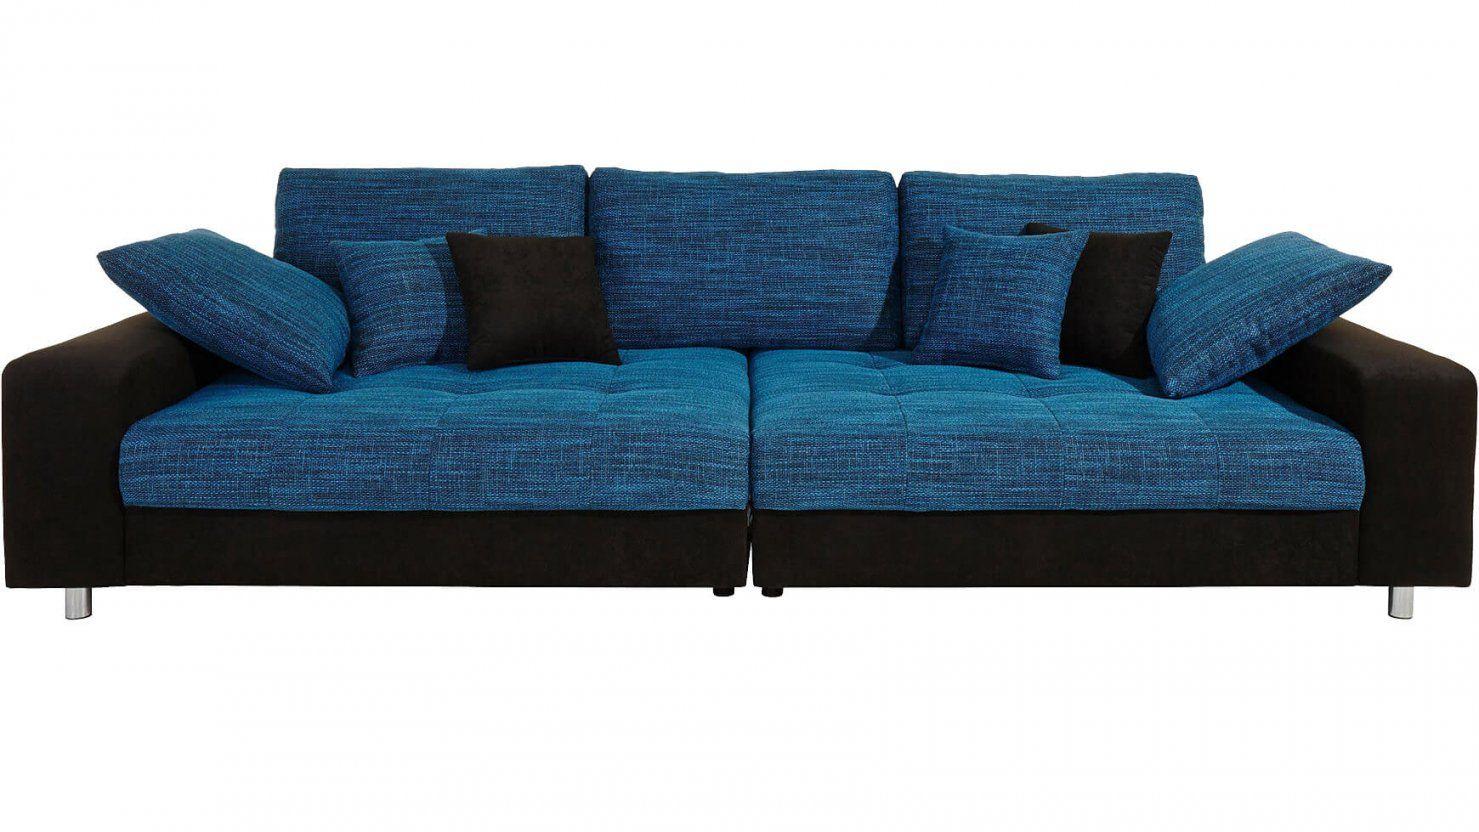 Xxl Sofa & Xxl Couch  Große Sofas Online Bestellen Cnouch von Couch Mit Bettfunktion Günstig Bild